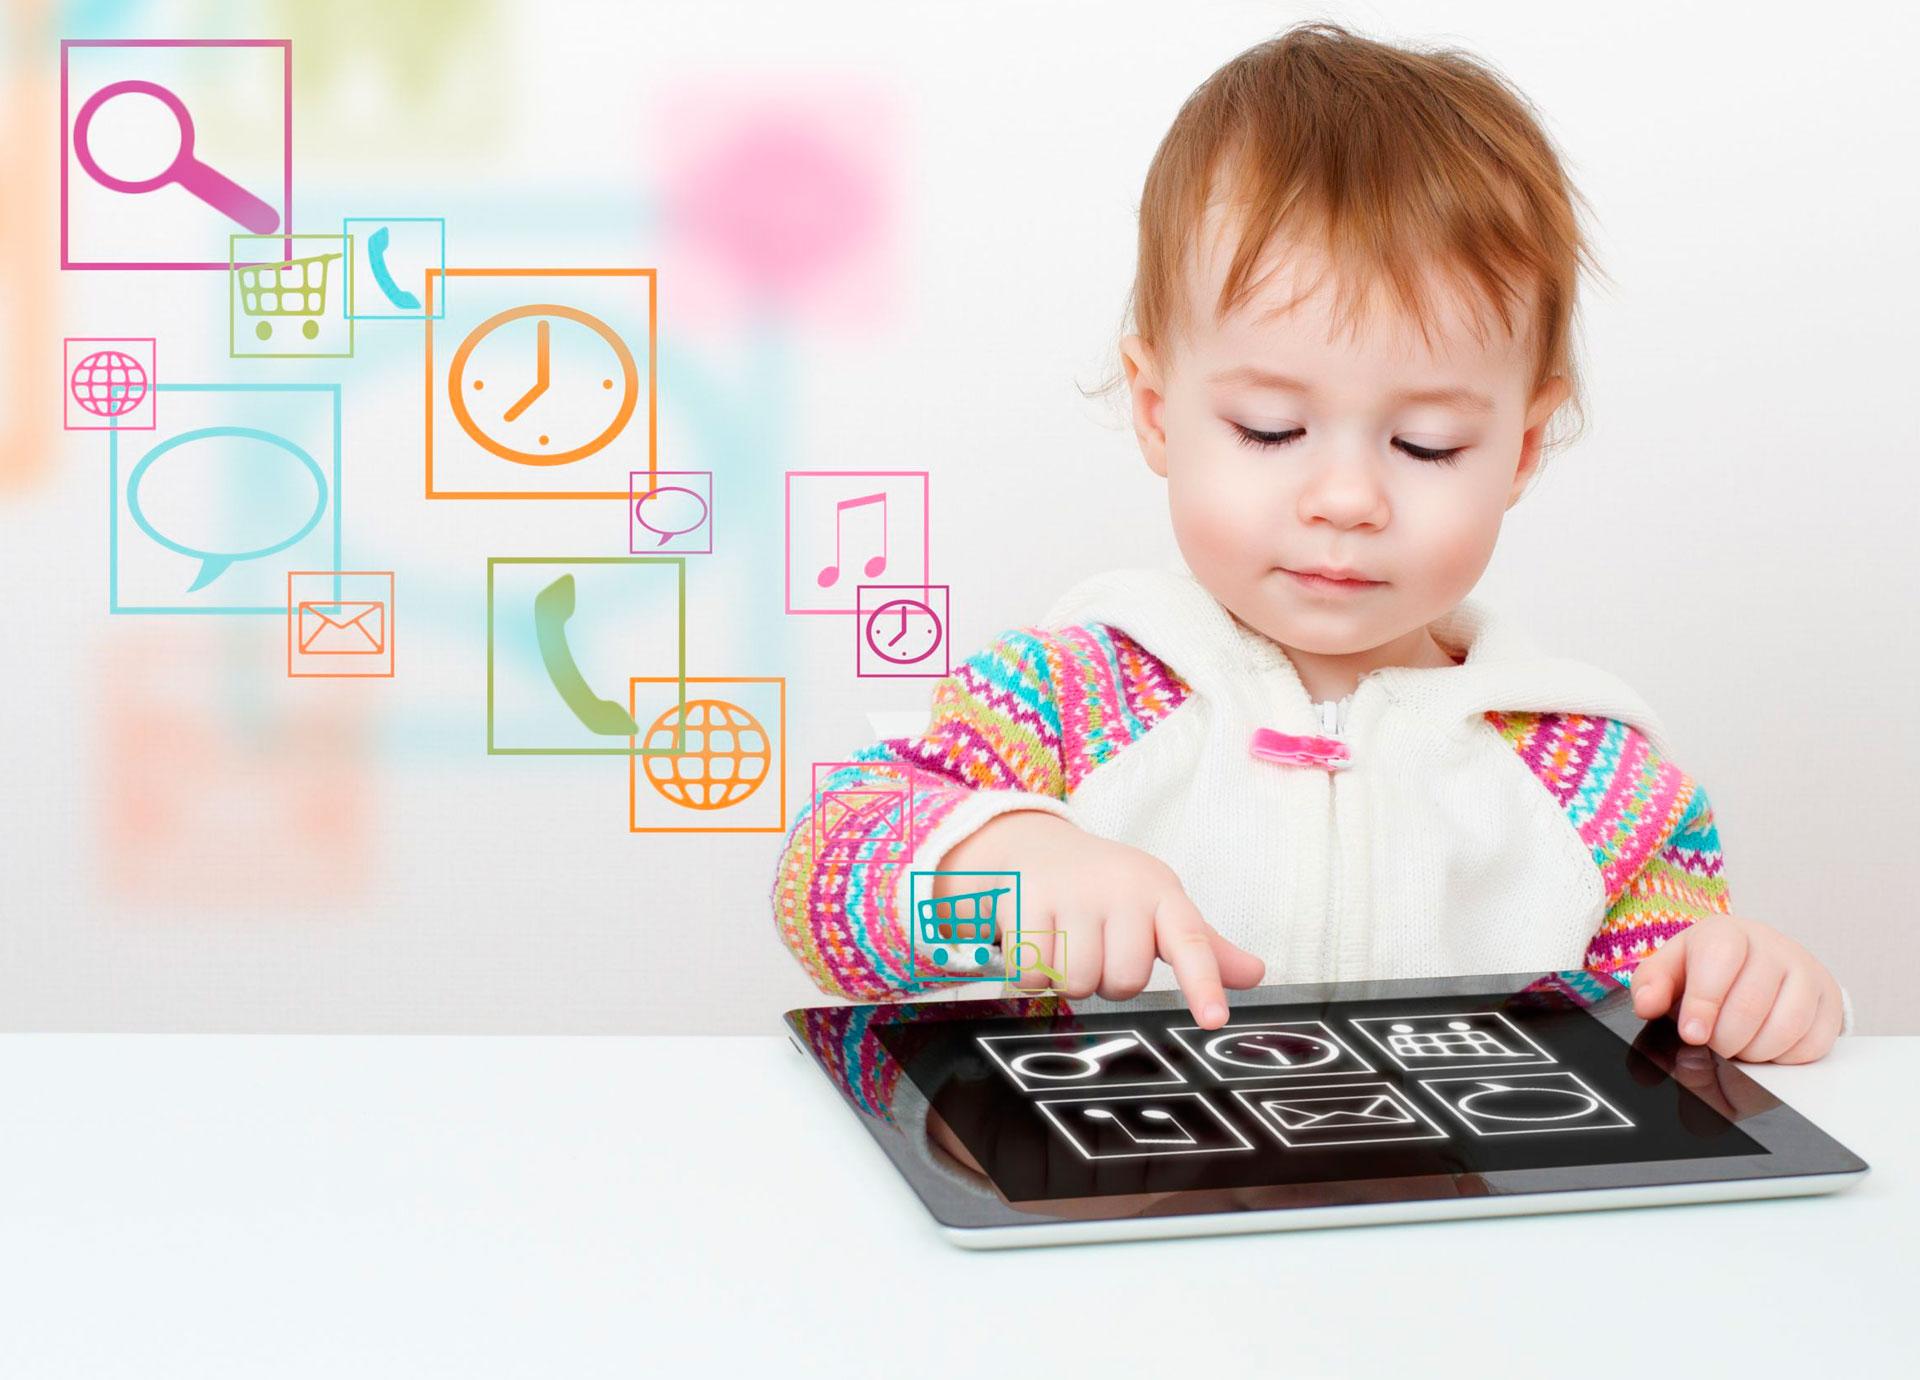 Generación Touch: hacia dónde miran los niños digitales